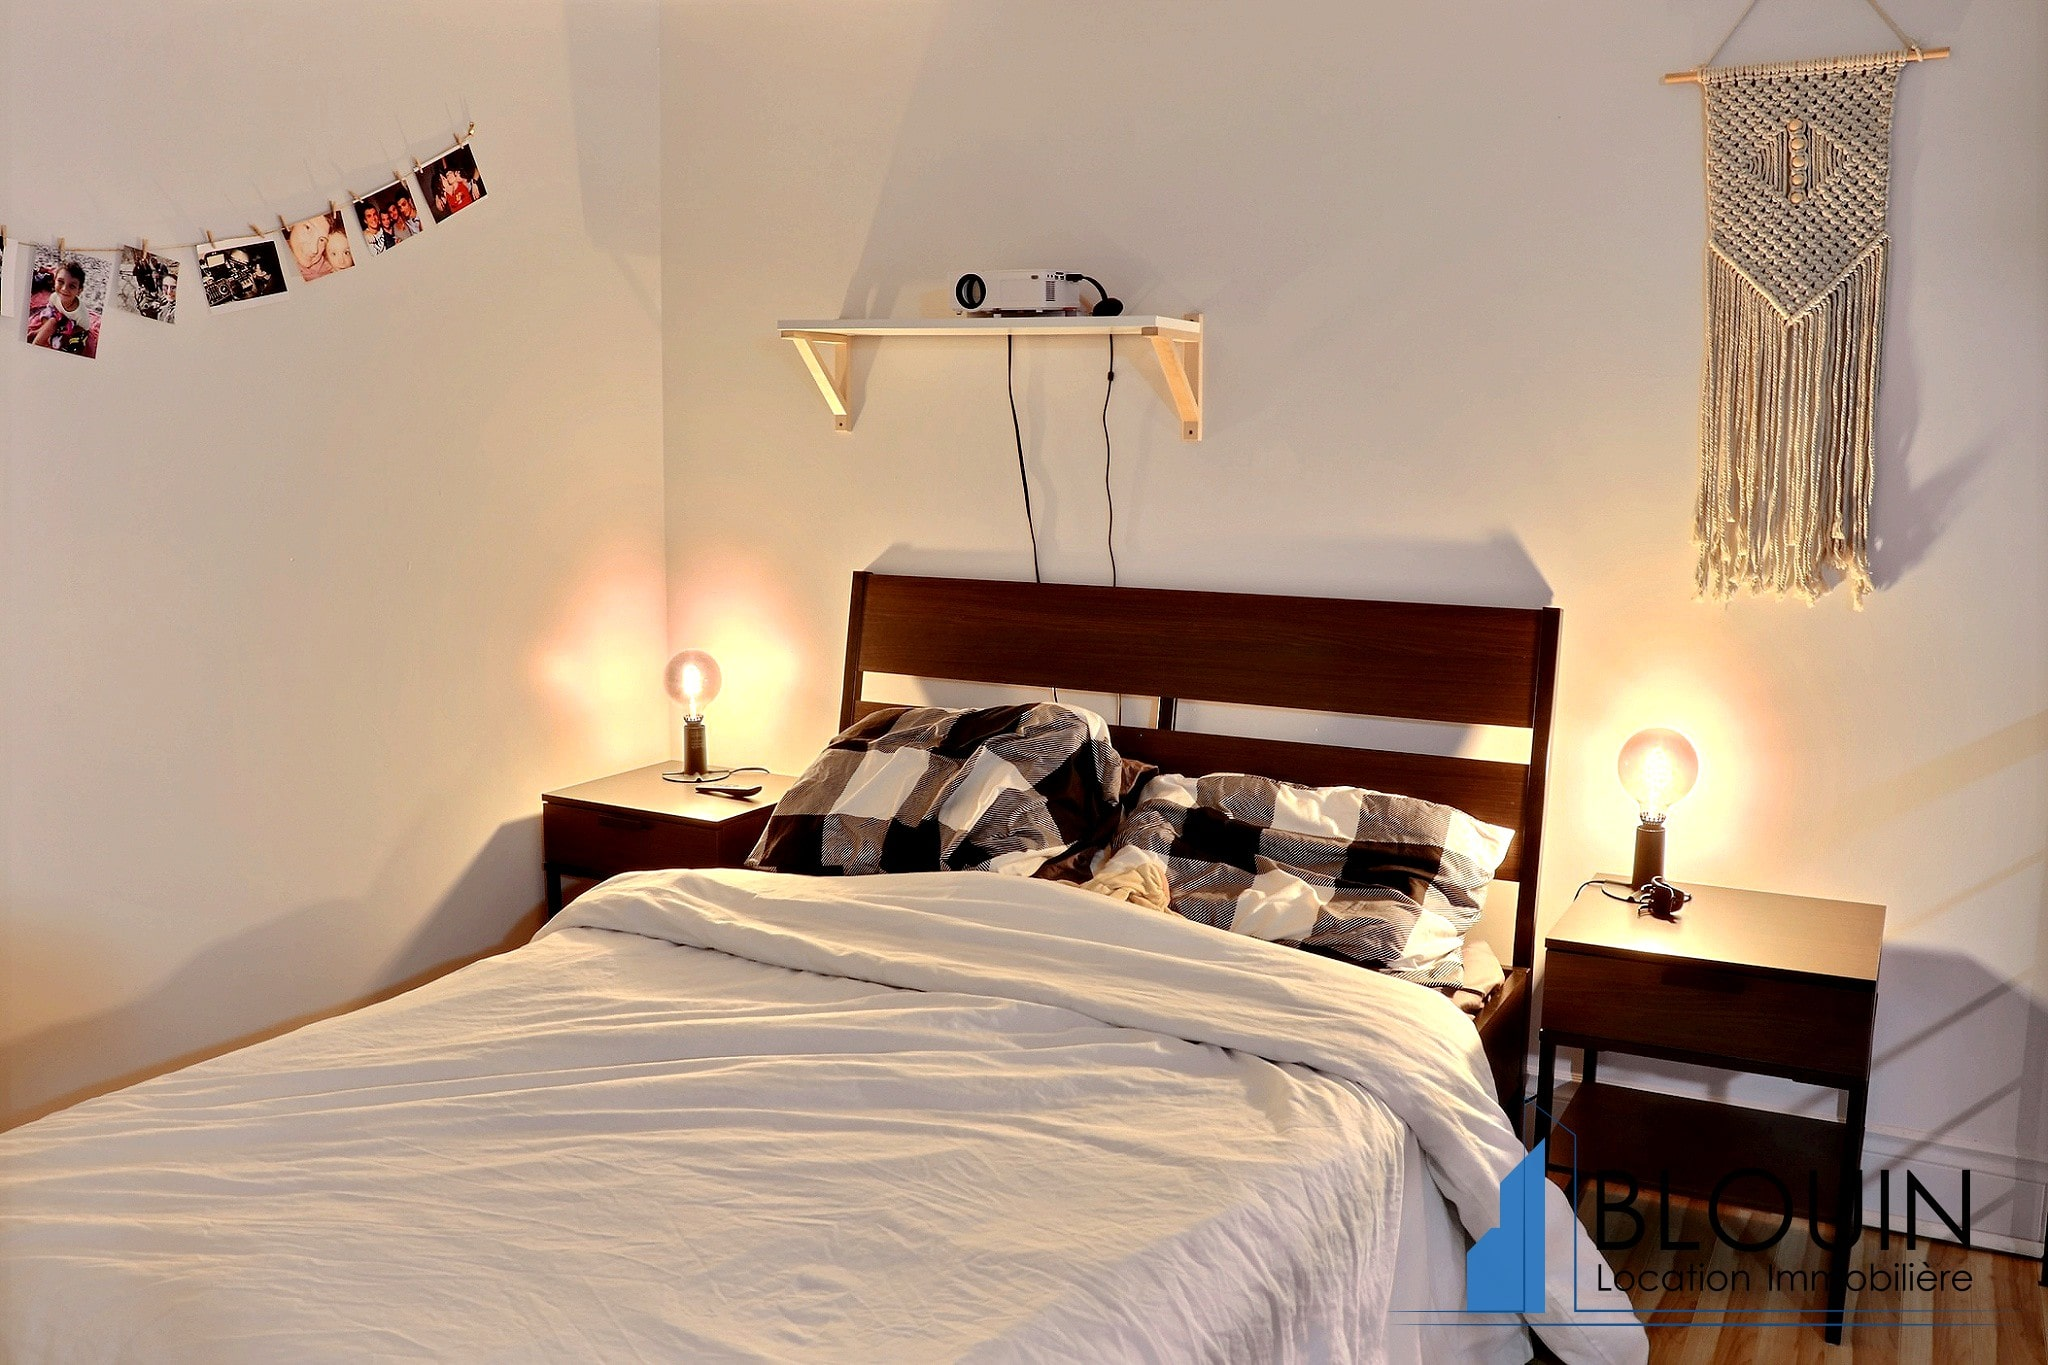 Photo 10 : Magnifique 3 ½ sur 2 étages, à St-Roch, libre pour Novembre, Semi-meublée